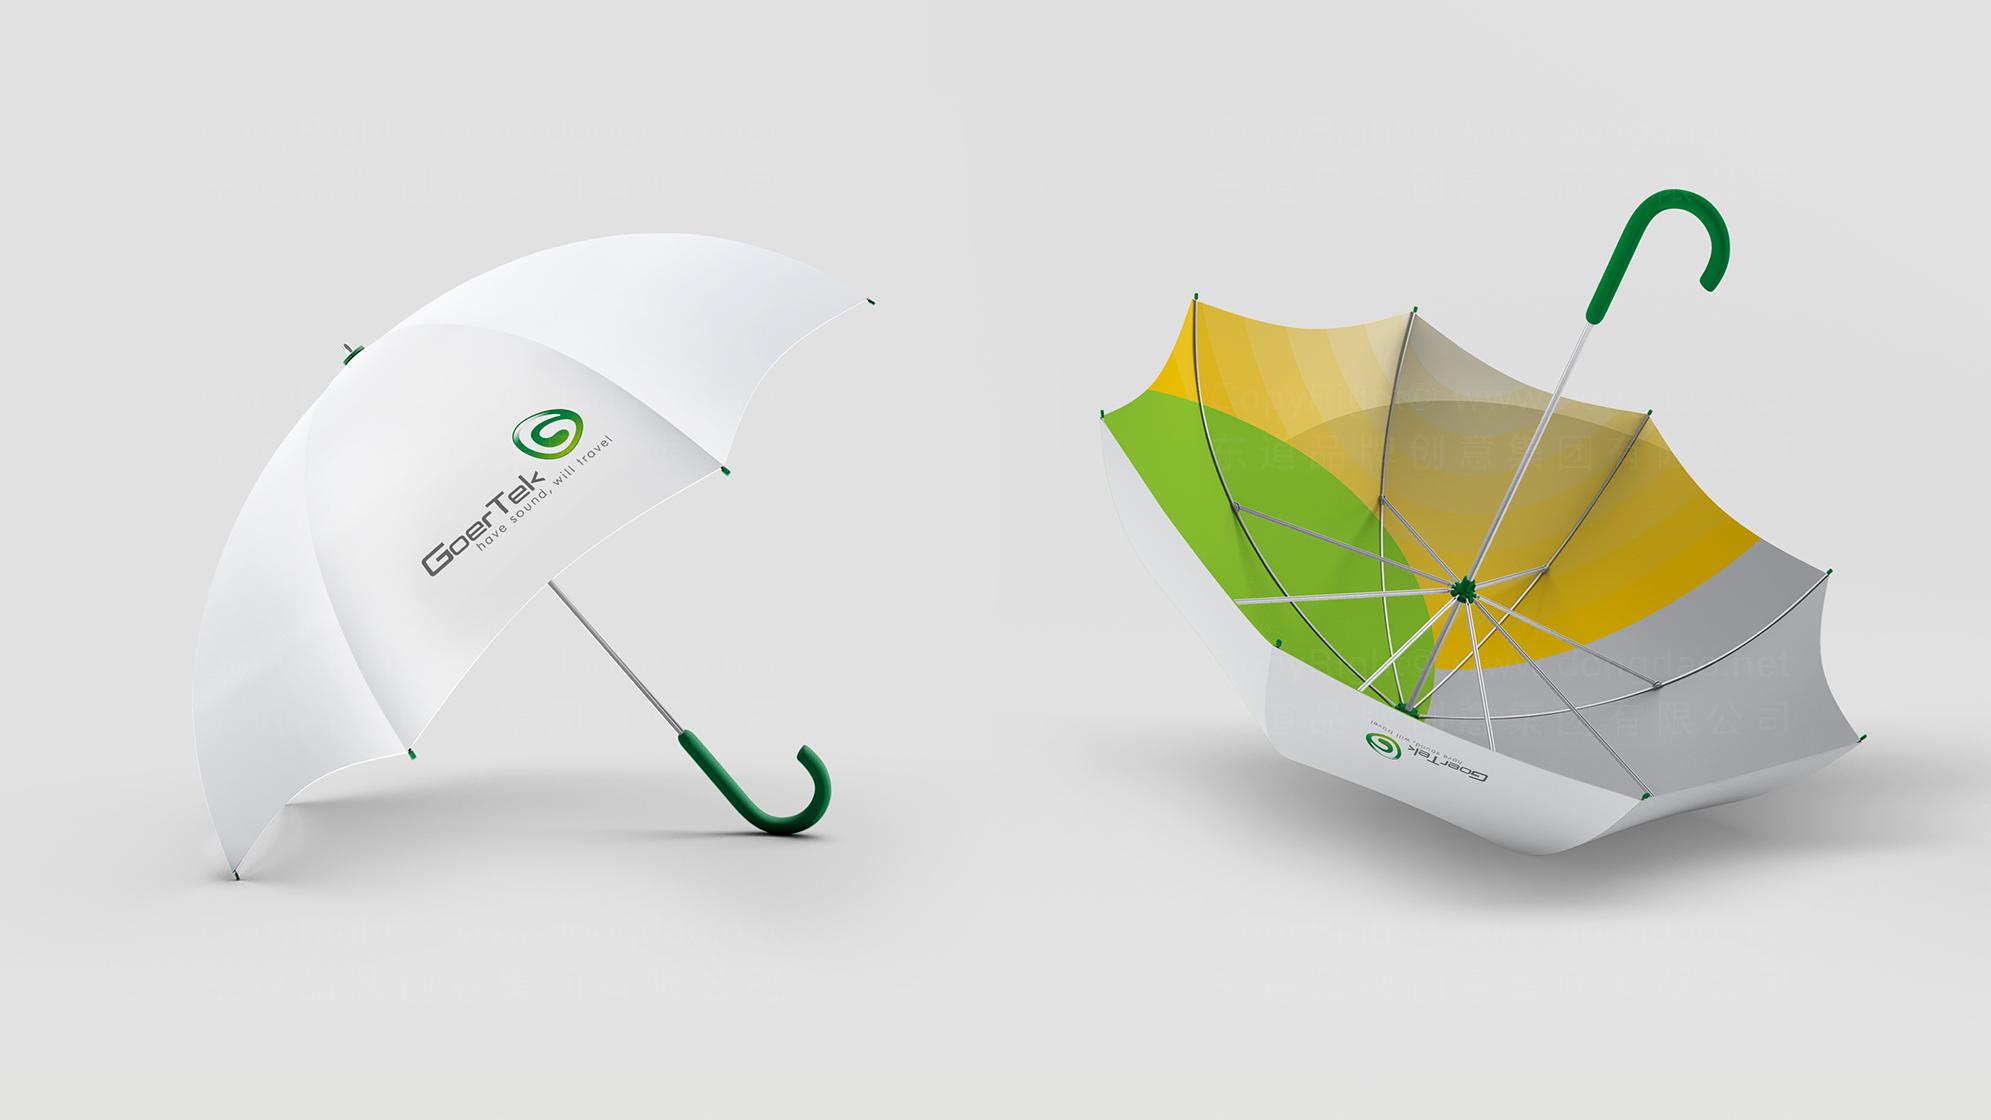 品牌设计歌尔LOGO&VI设计应用场景_3